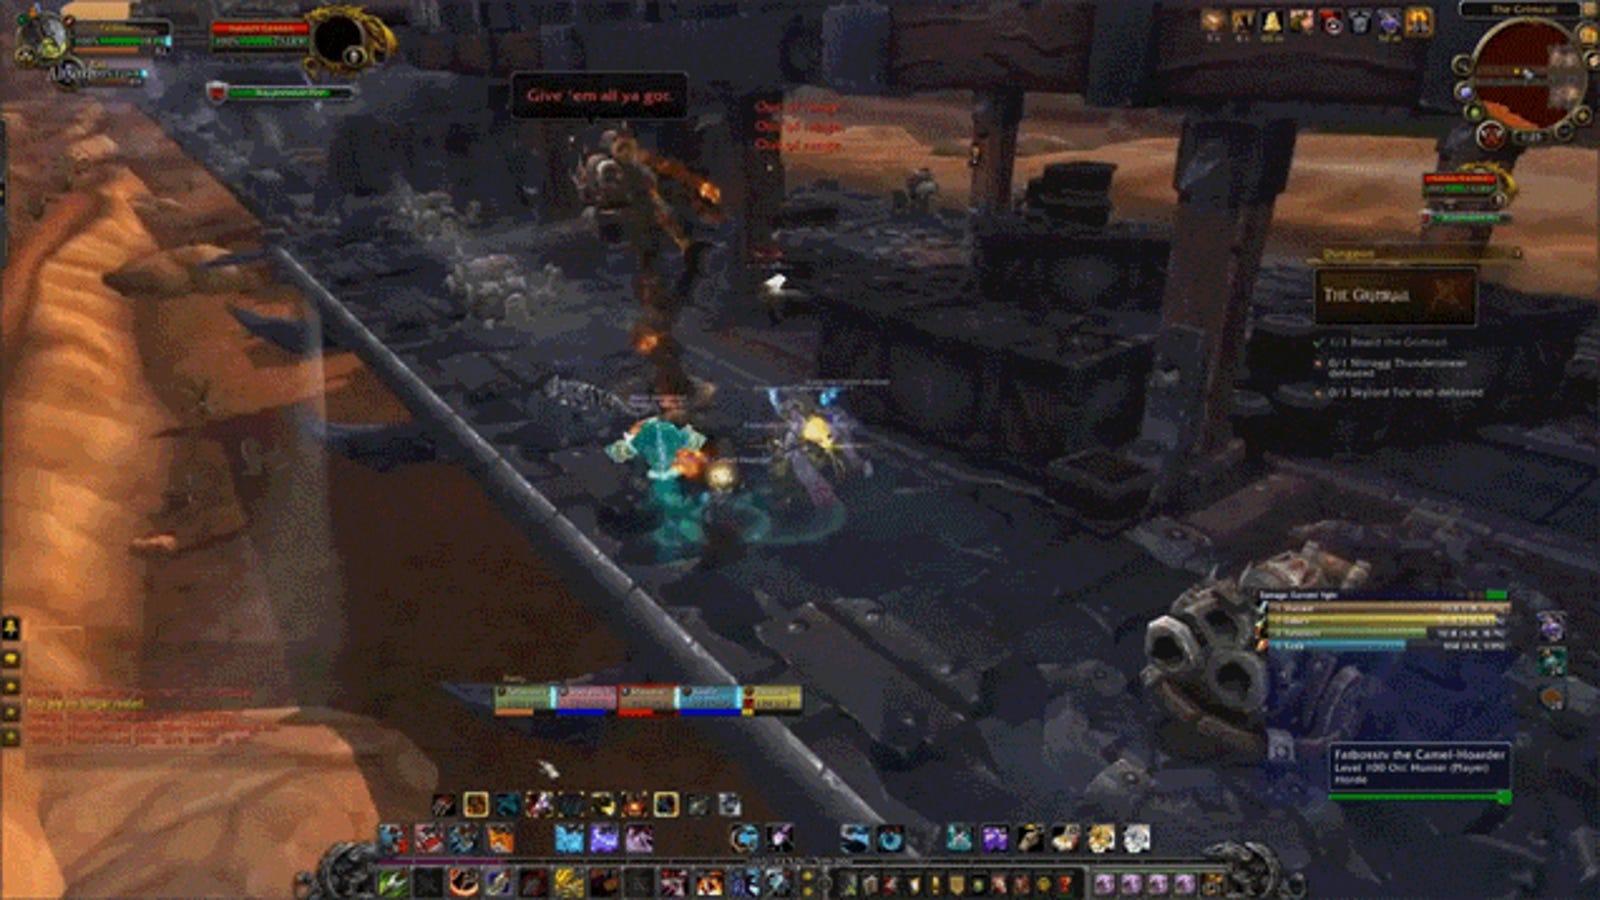 La nueva mazmorra de World of Warcraft es un gigantesco tren en marcha